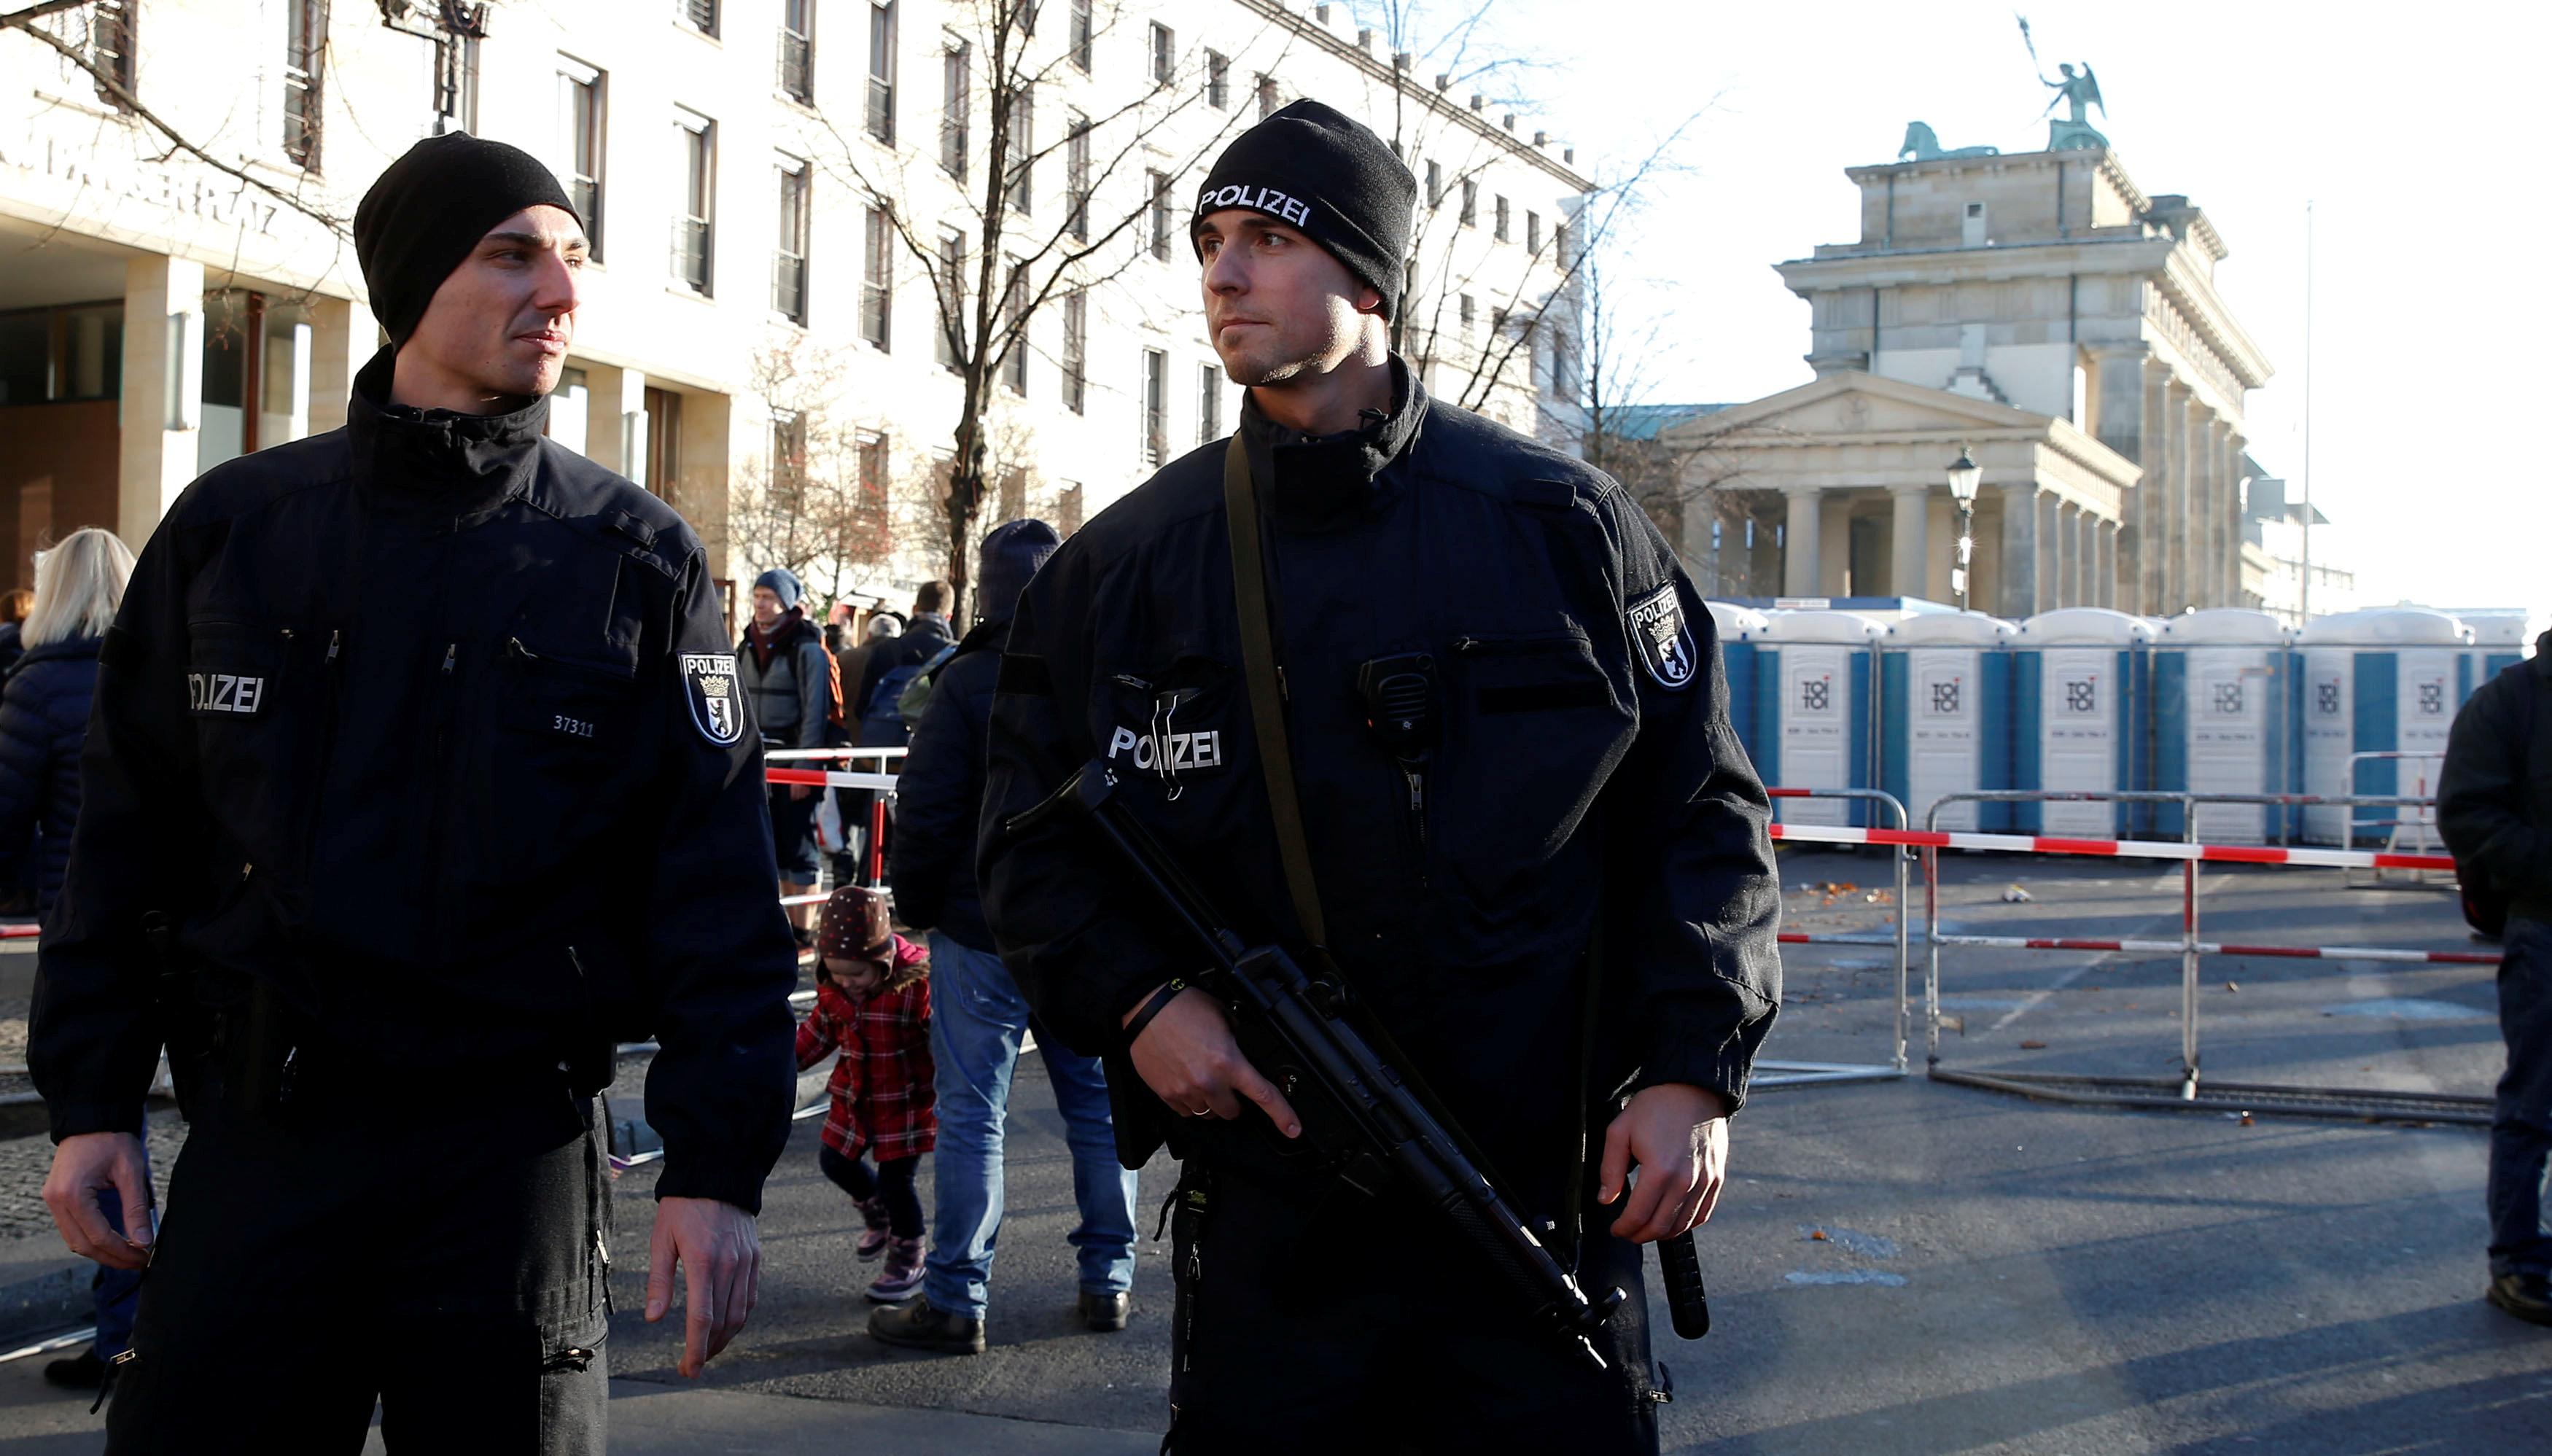 German policemen patrol